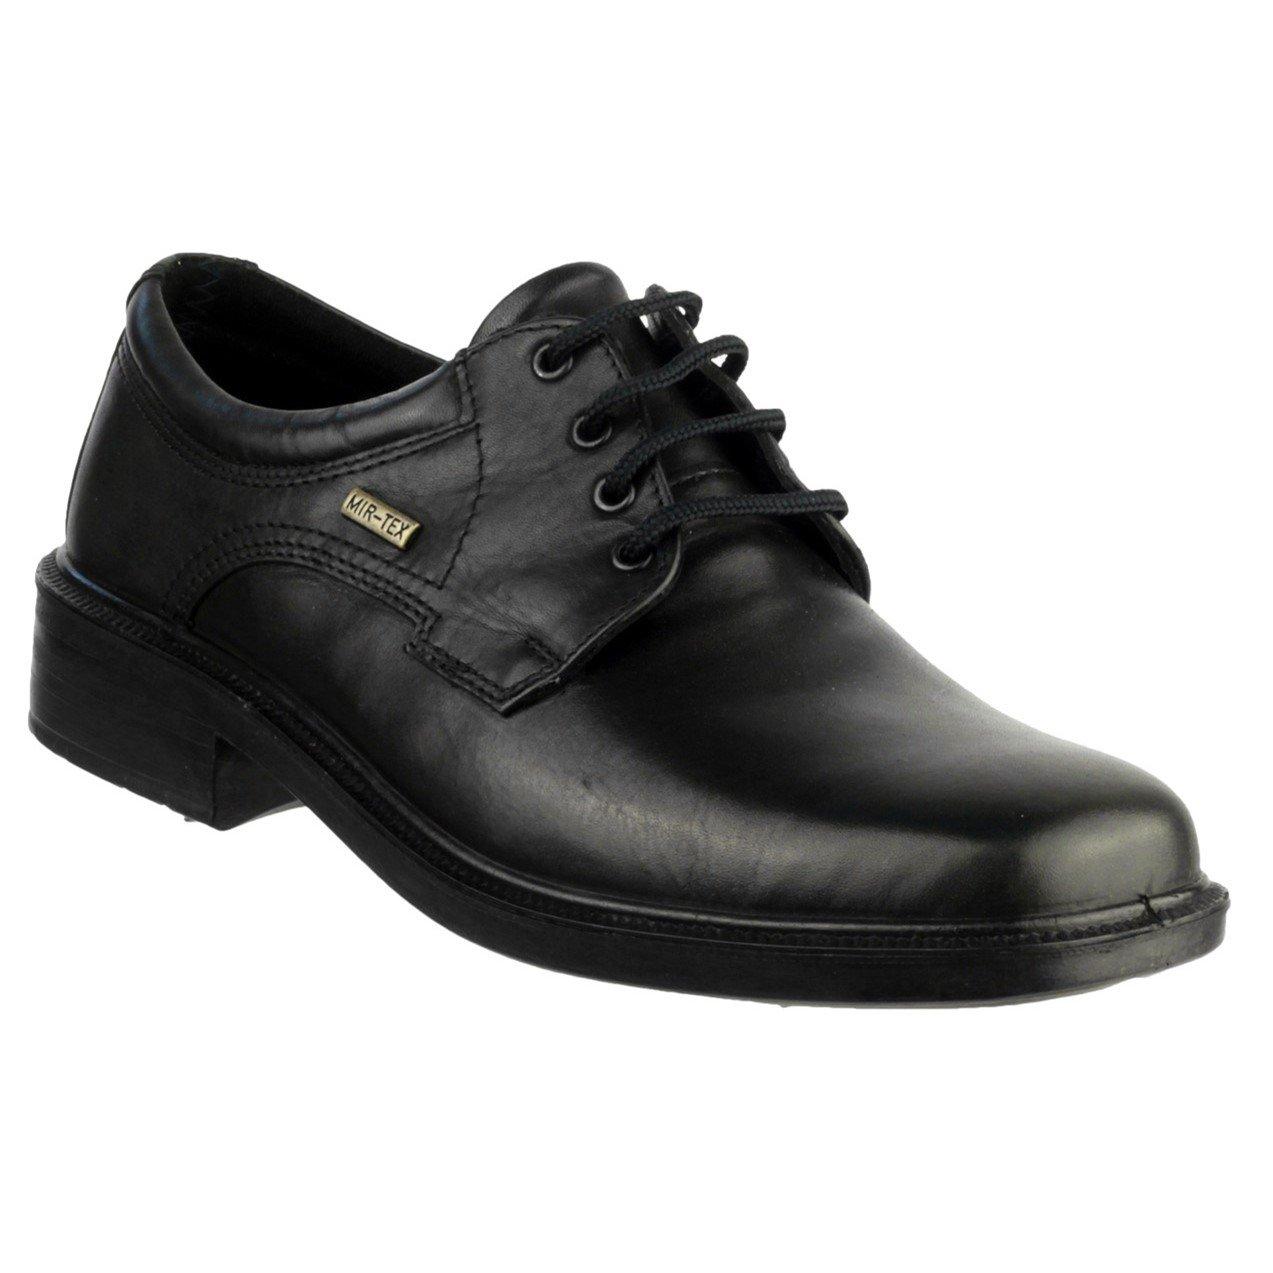 Cotswold Men's Sudeley Waterproof Shoe Various Colours 32970 - Black 11